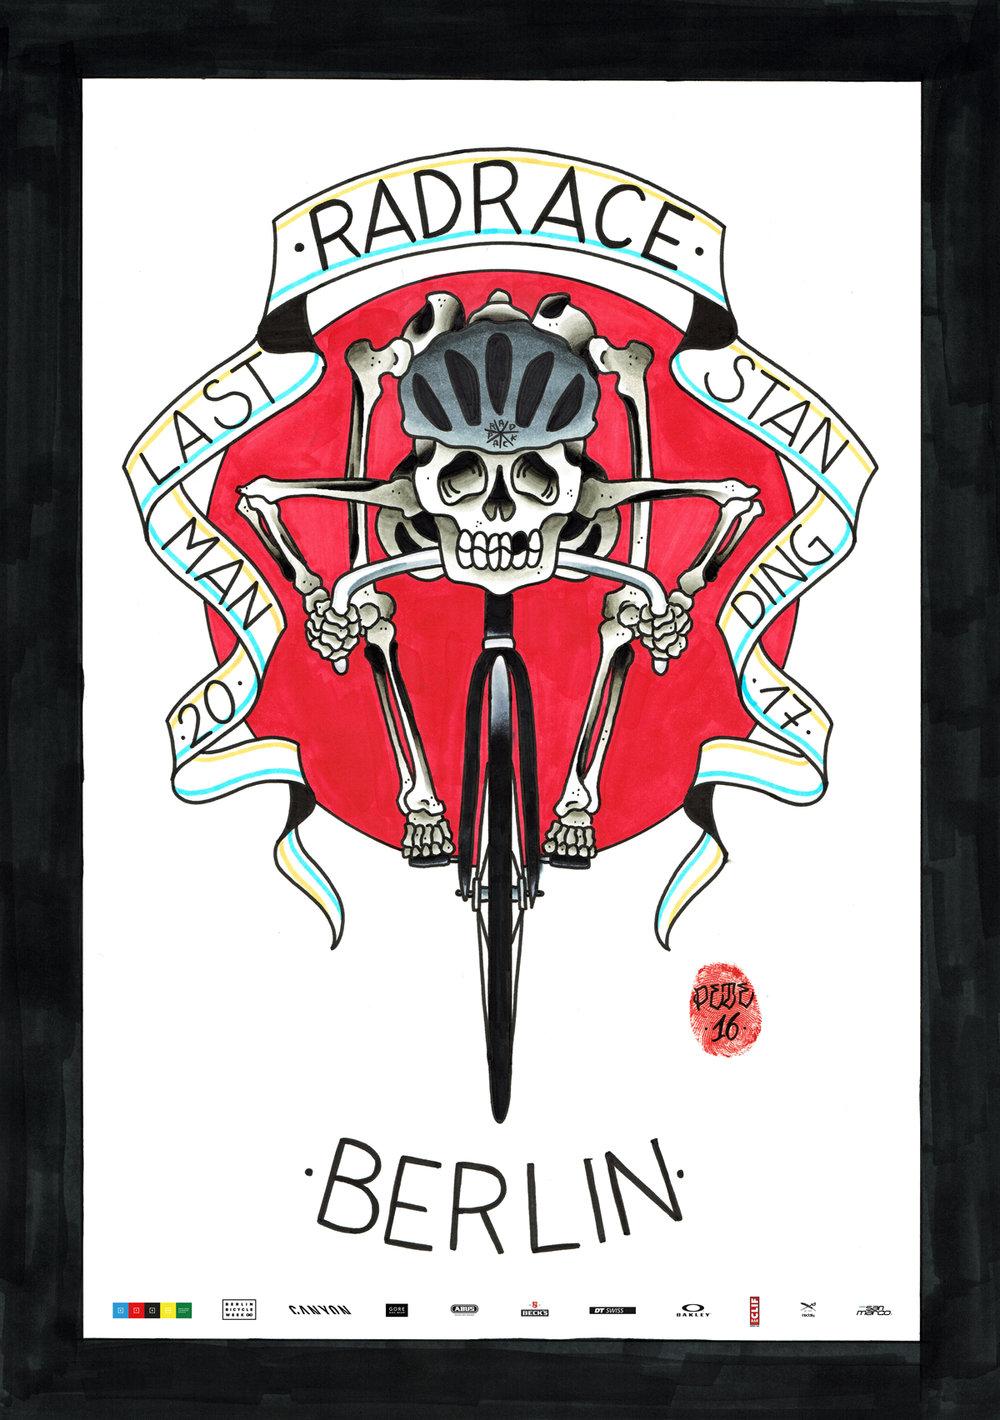 RAD RACE Last aman Standing Berlin poster